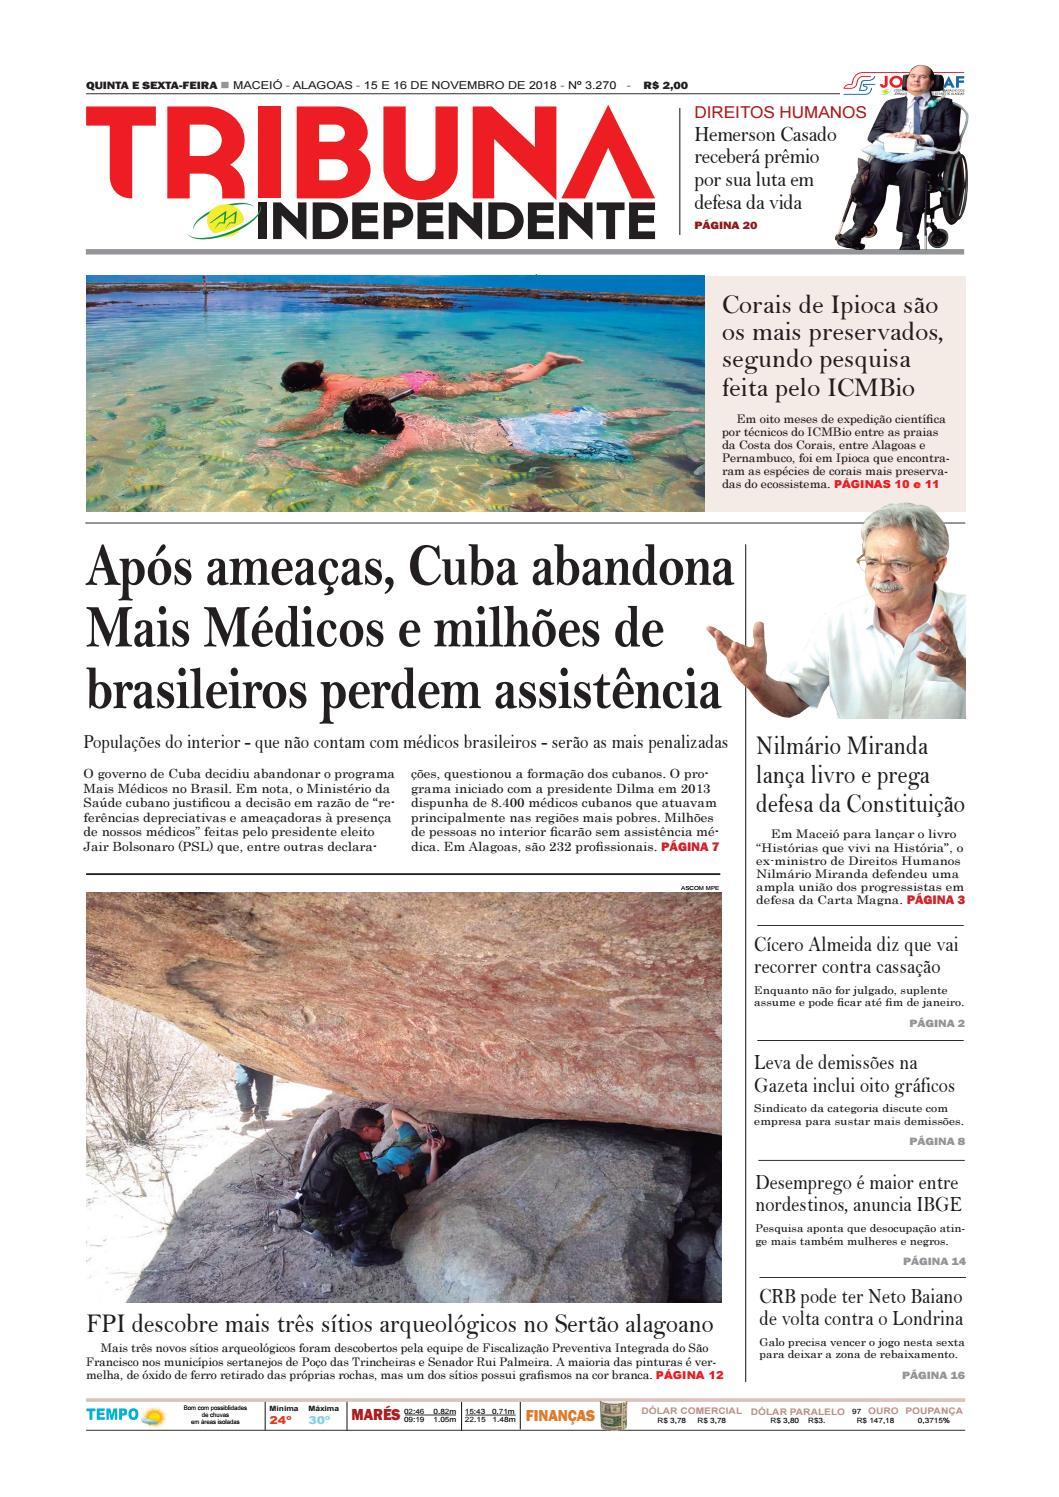 50f48da57d527 Edição número 3270 - 15 e 16 de novembro de 2018 by Tribuna Hoje - issuu